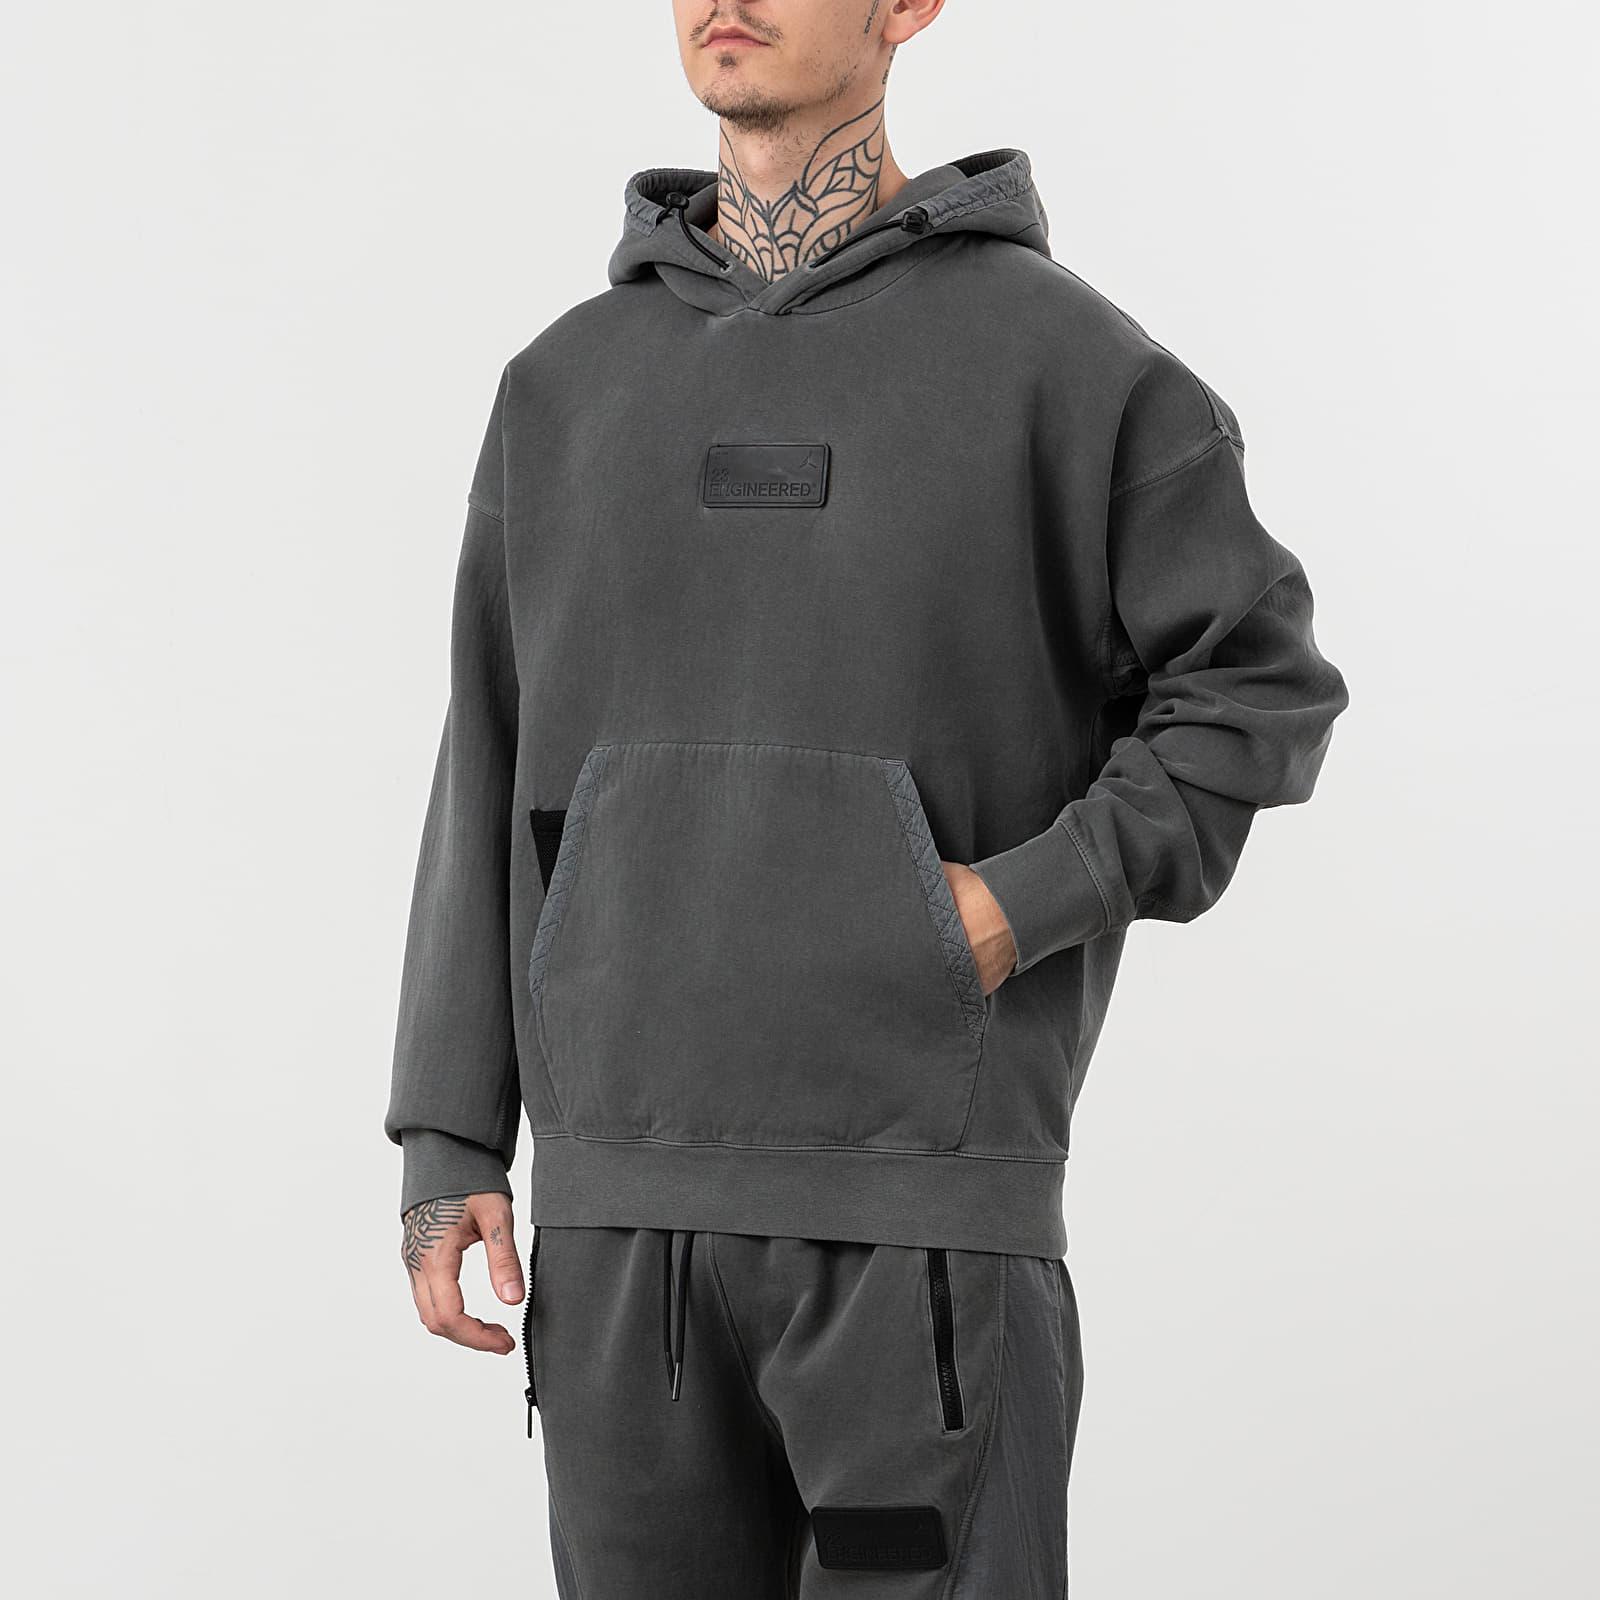 Jordan 23 Engineered Pullover Hoodie